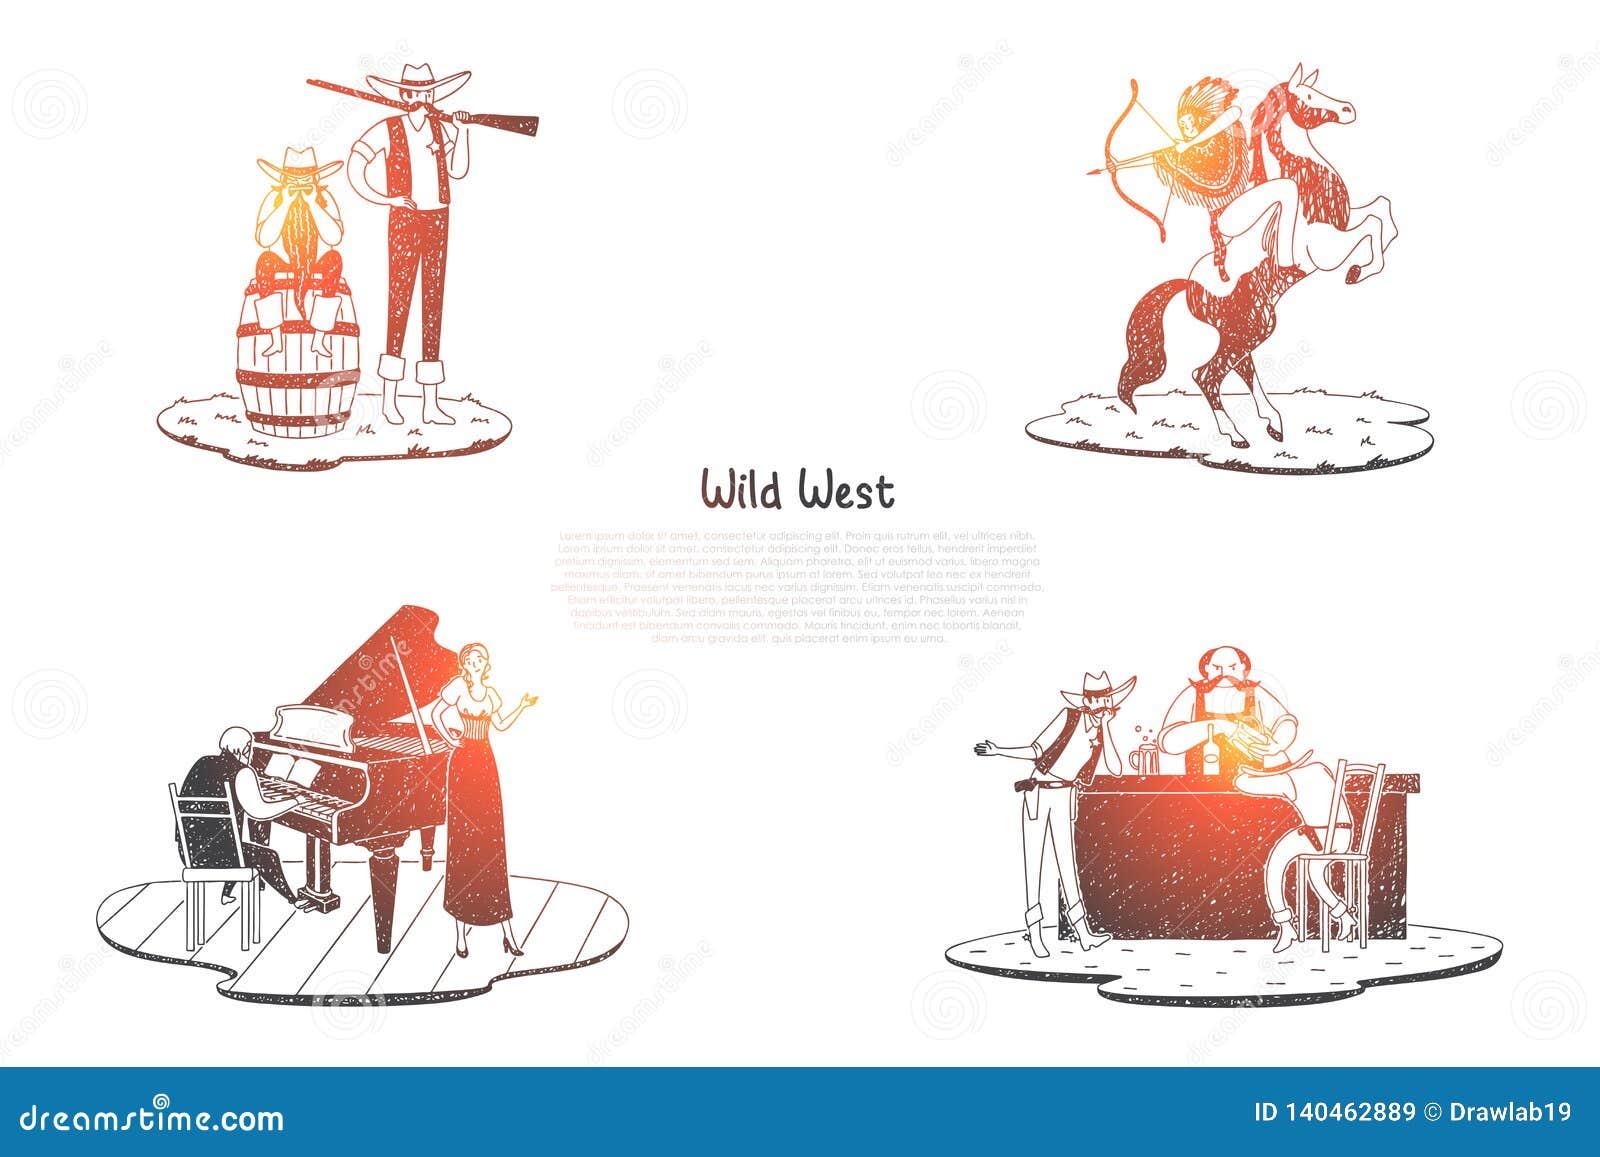 Dziki zachód - indianin z łucznictwem na koniu, myśliwym z pistoletem, barze z napojami i tawernie z muzyka pojęcia wektorowym se